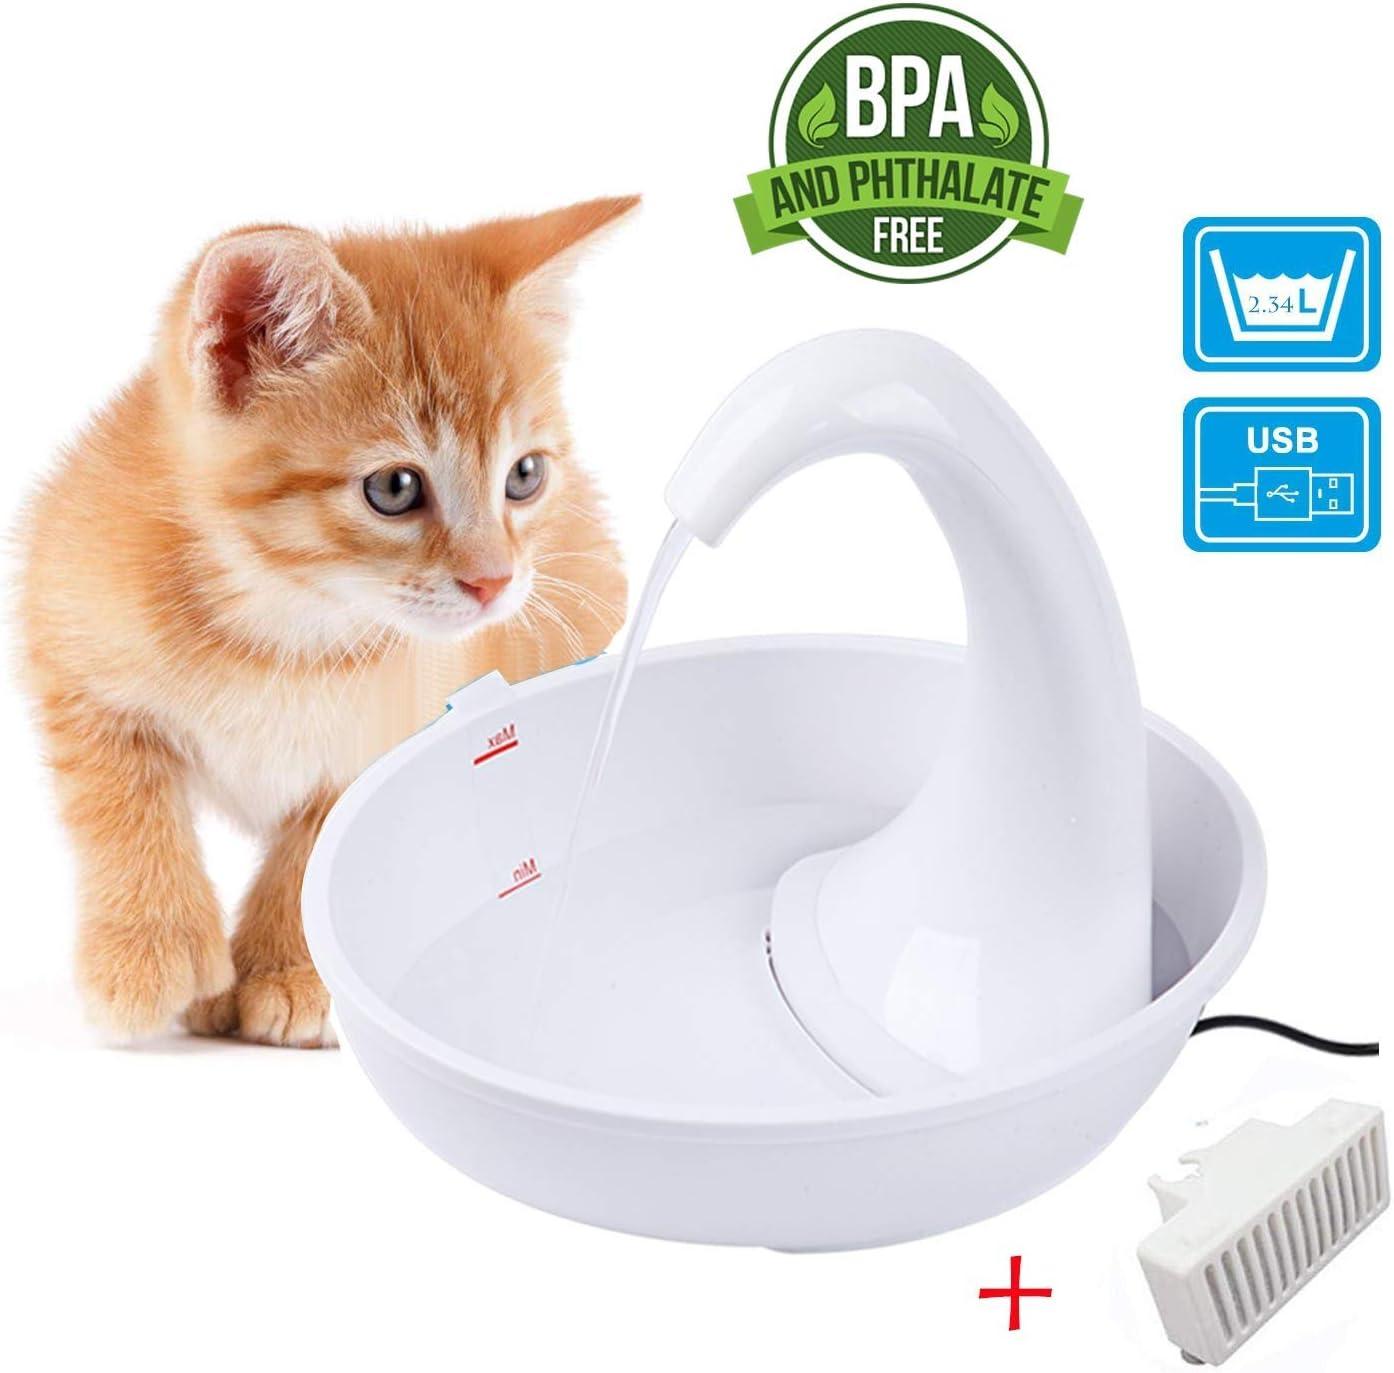 ADOV Fuente Gatos, 2.4L Automatico Electrico Flor Estilo Mascotas Dispensador de Agua, Higiénico, Tapa de Acero Inoxidable Bebedero con Filtro, Adaptador Cable USB para Gato Perros Animales Pequeños